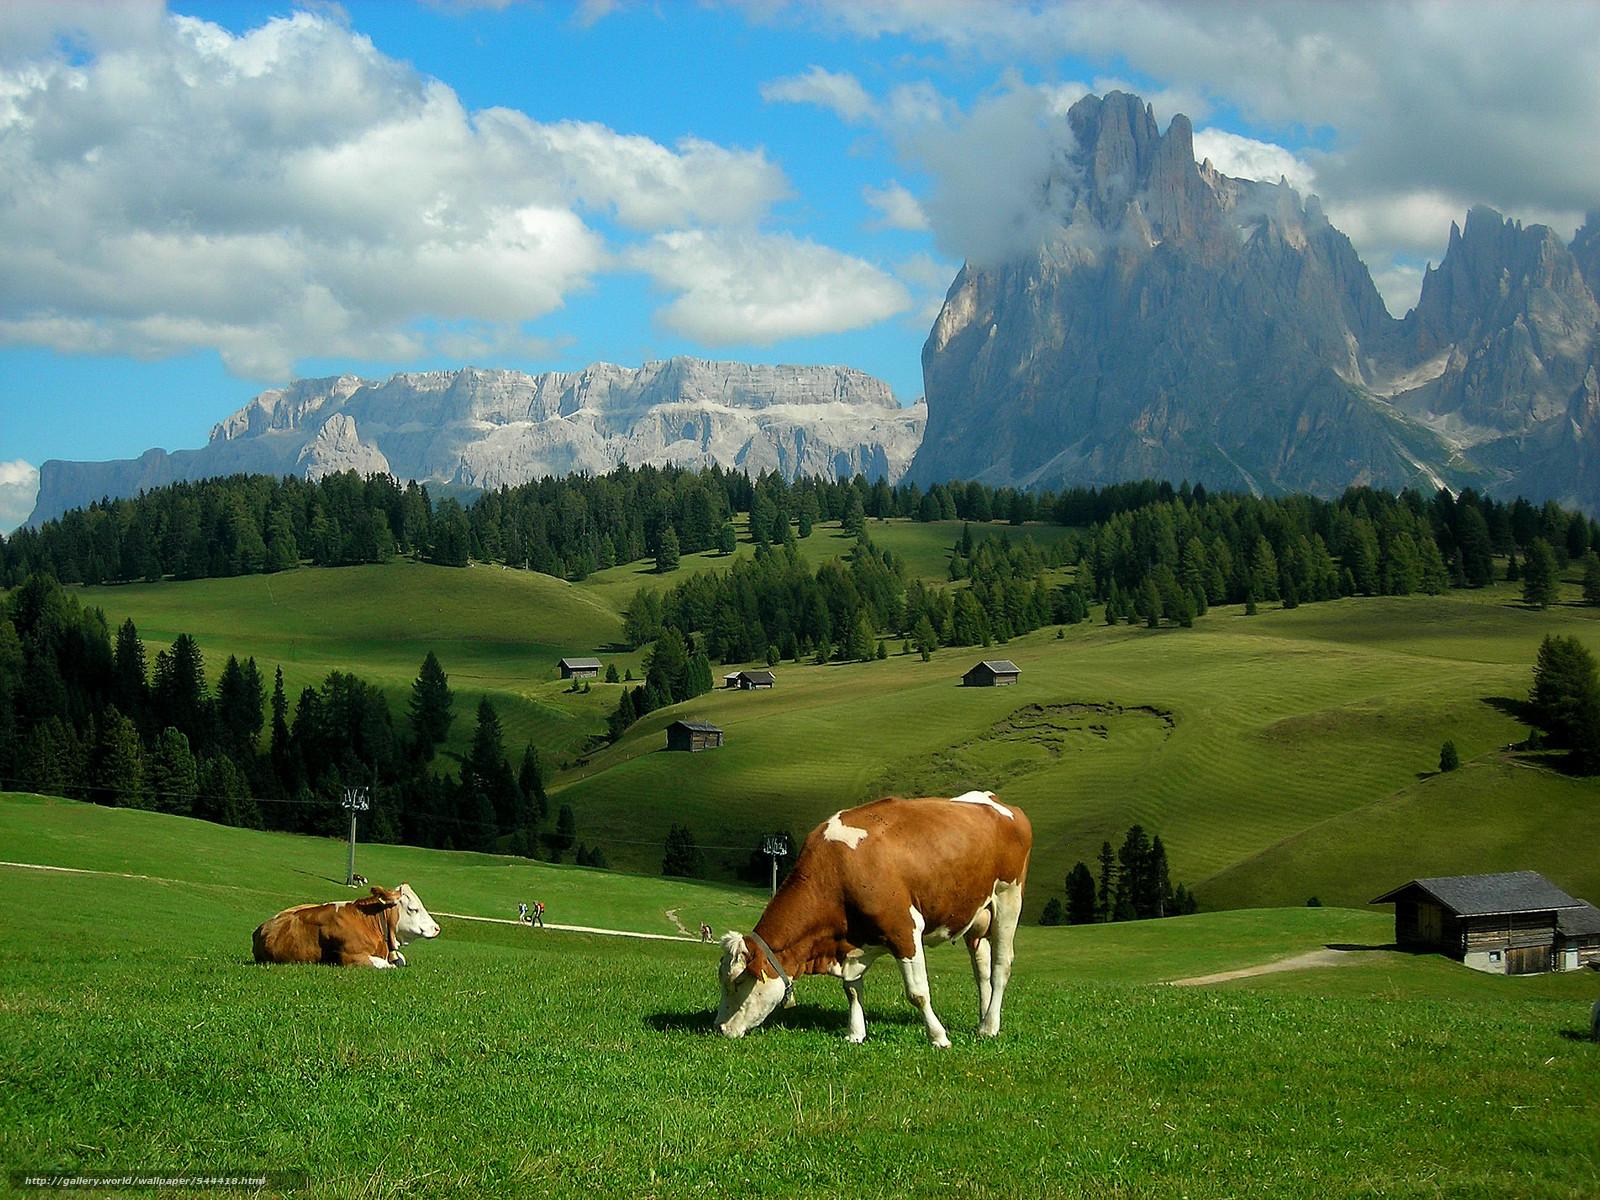 Фото обои для рабочего стола коровы